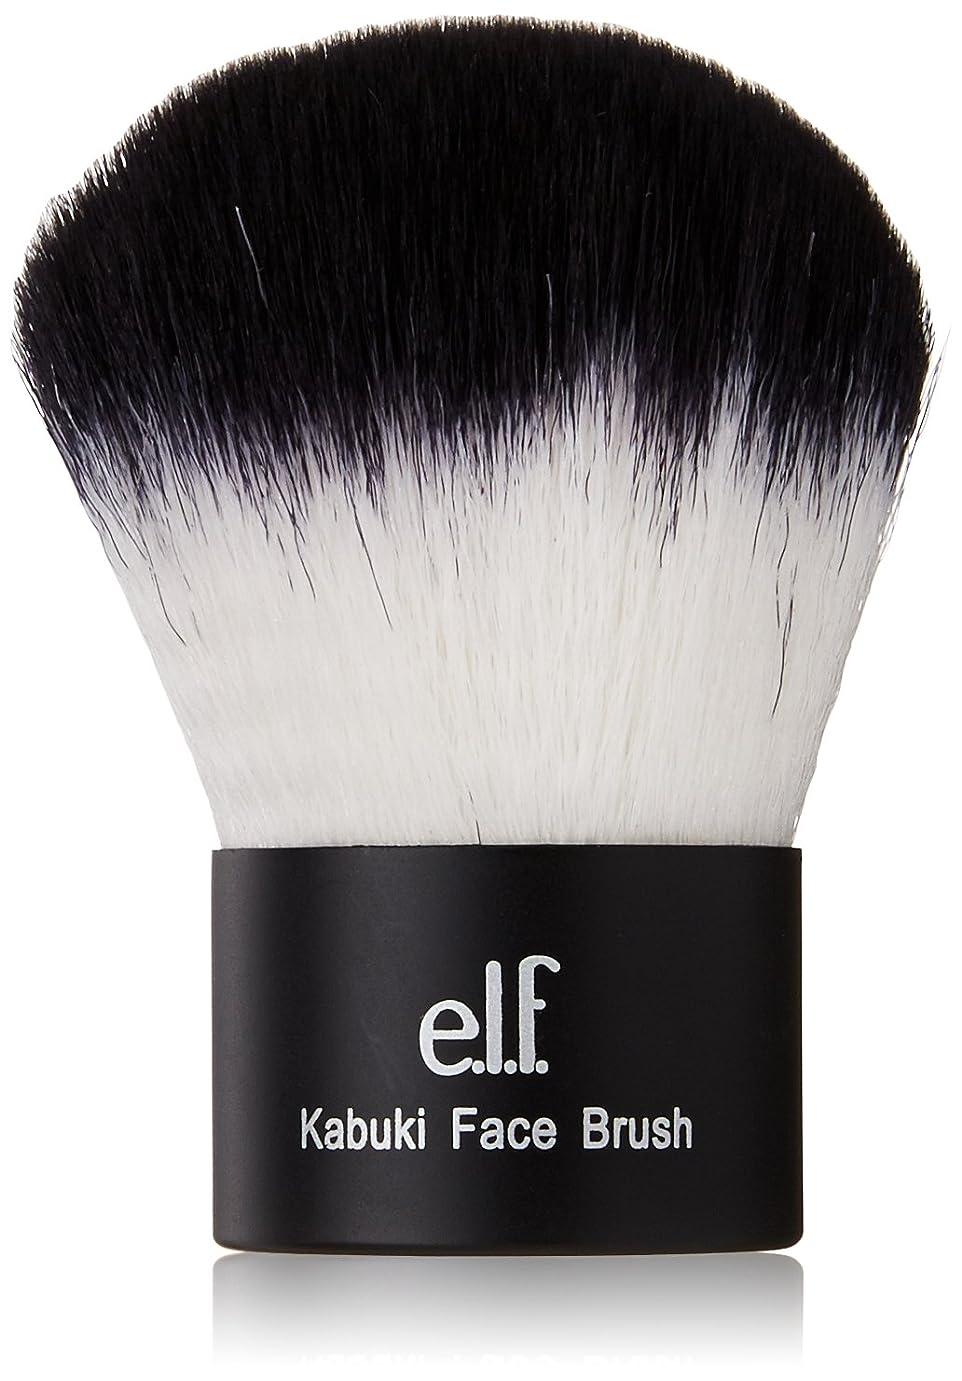 報奨金短命鳥elf コスメe.l.f. Studio Kabuki Face Brush-Kabuki Face Brush【海外直送品】